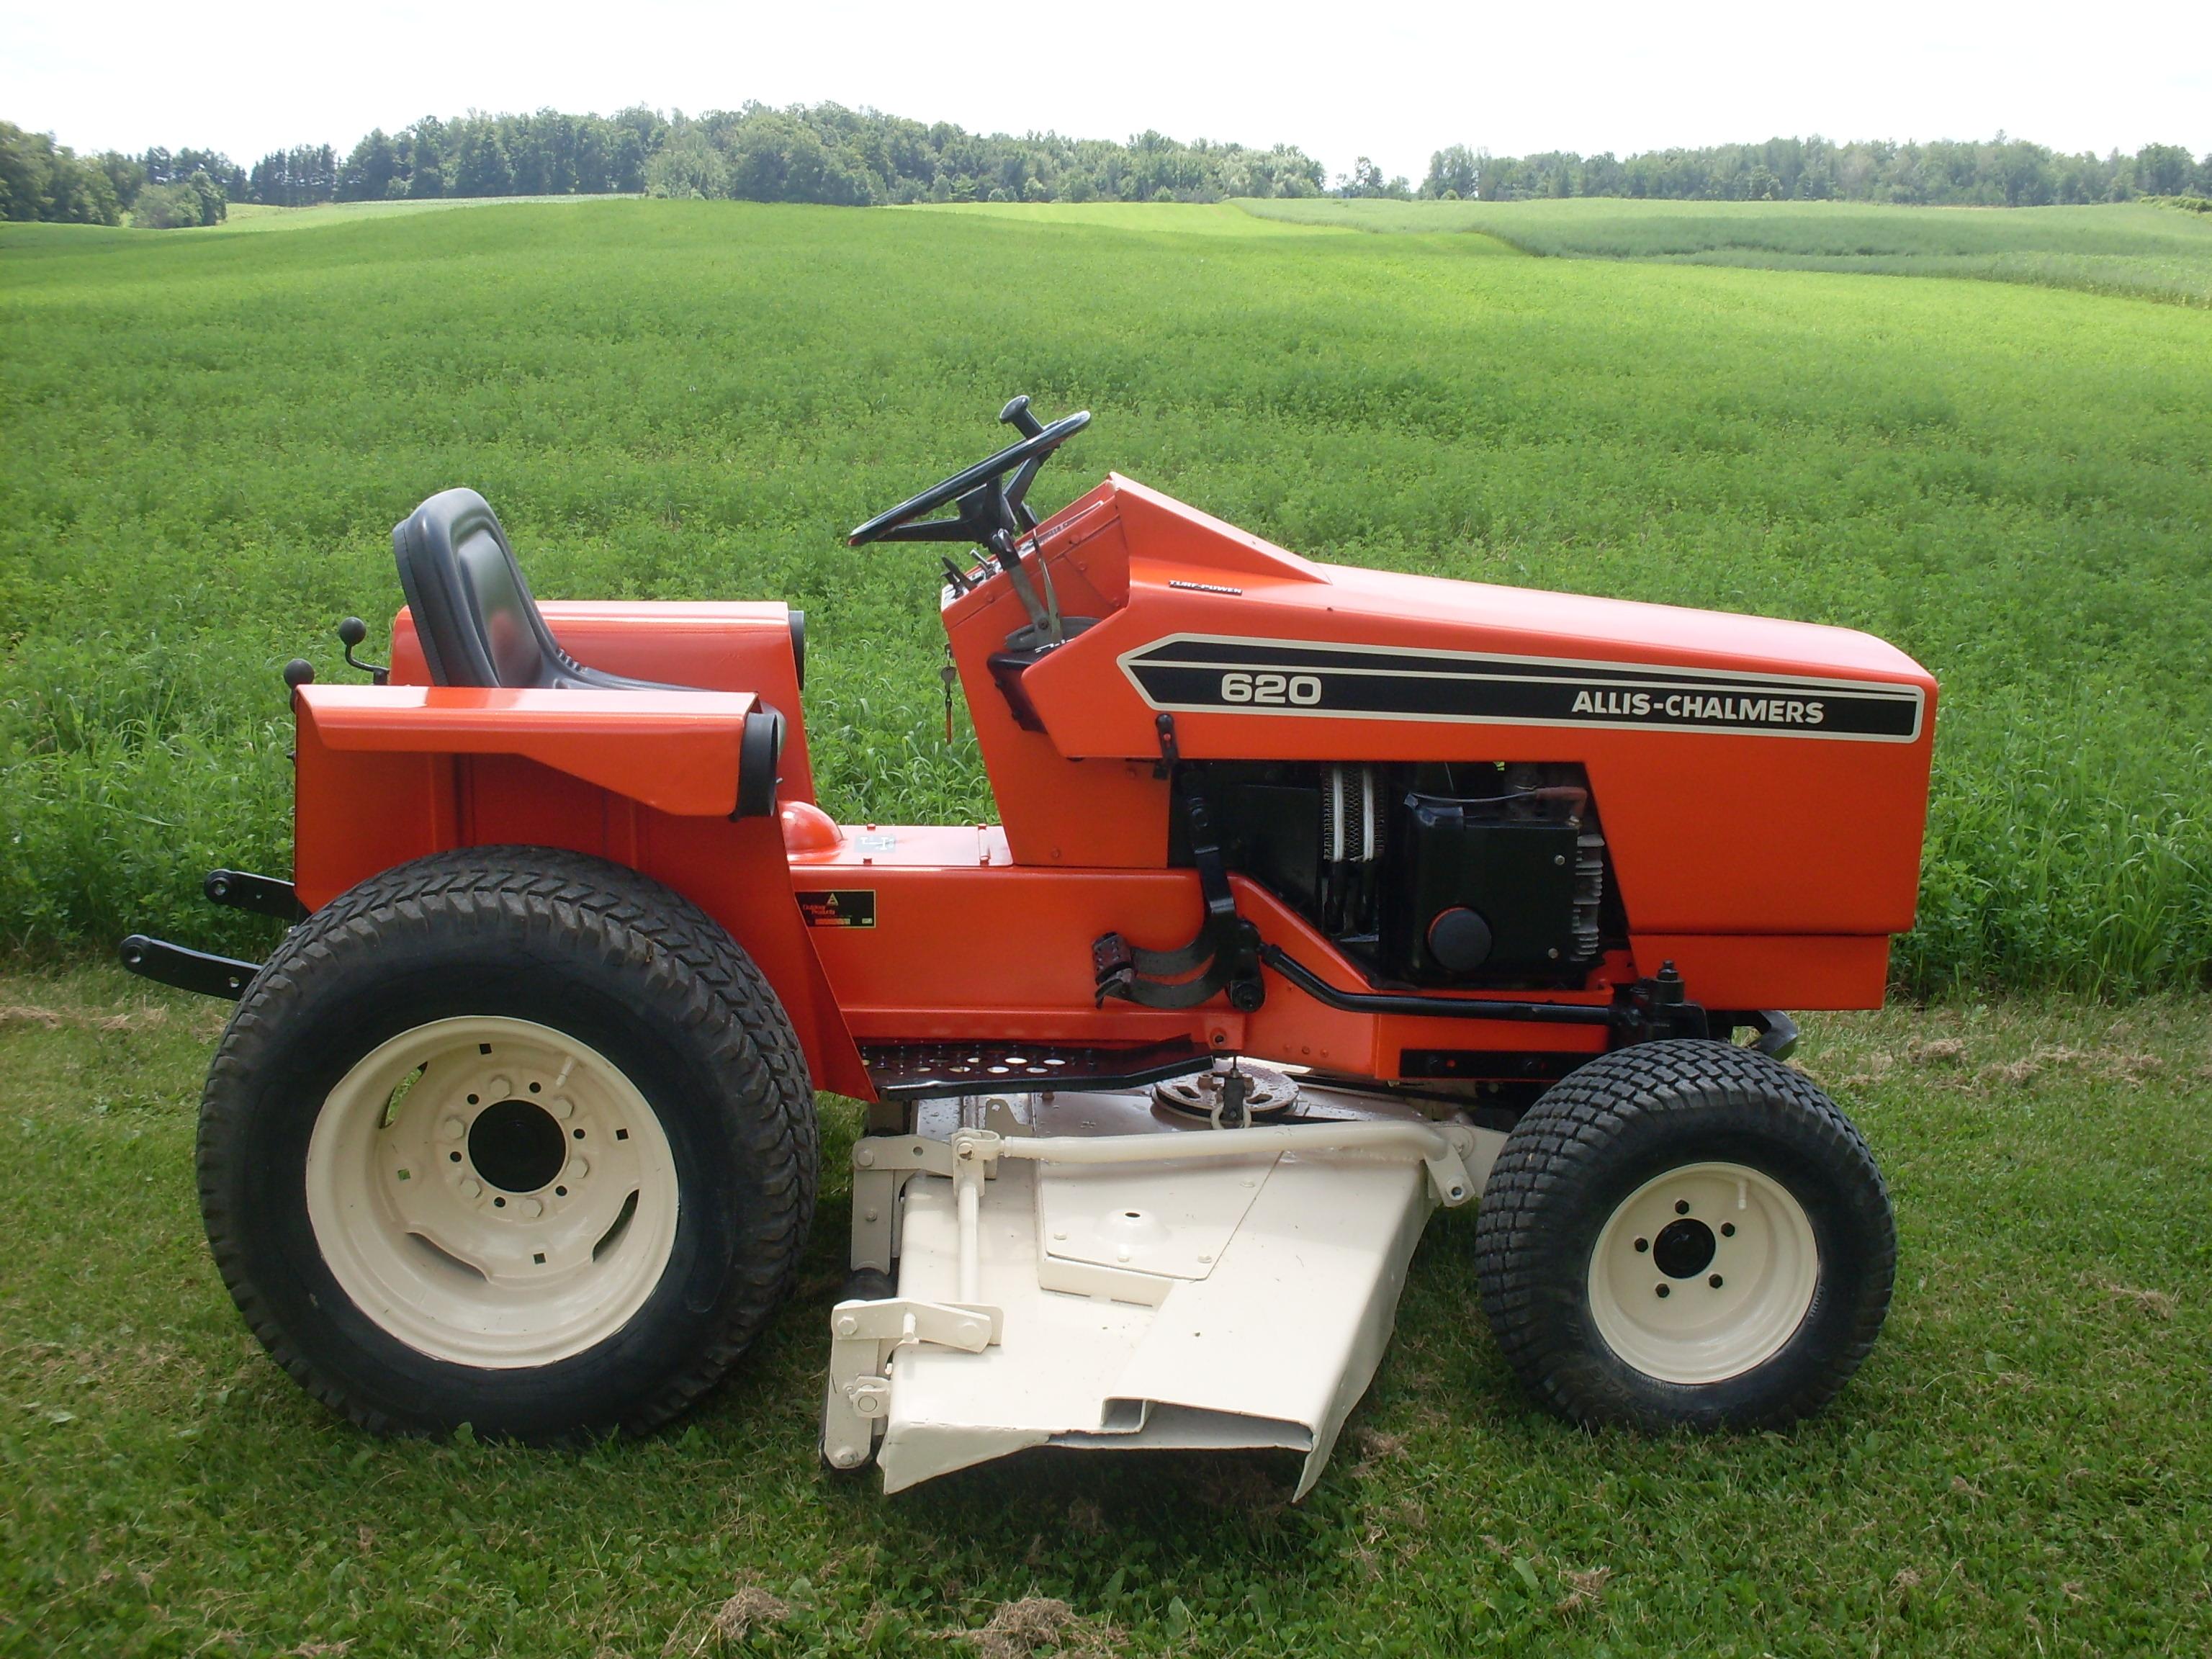 Allis Chalmers 620 Farm Tractor   Allis Chalmers Farm